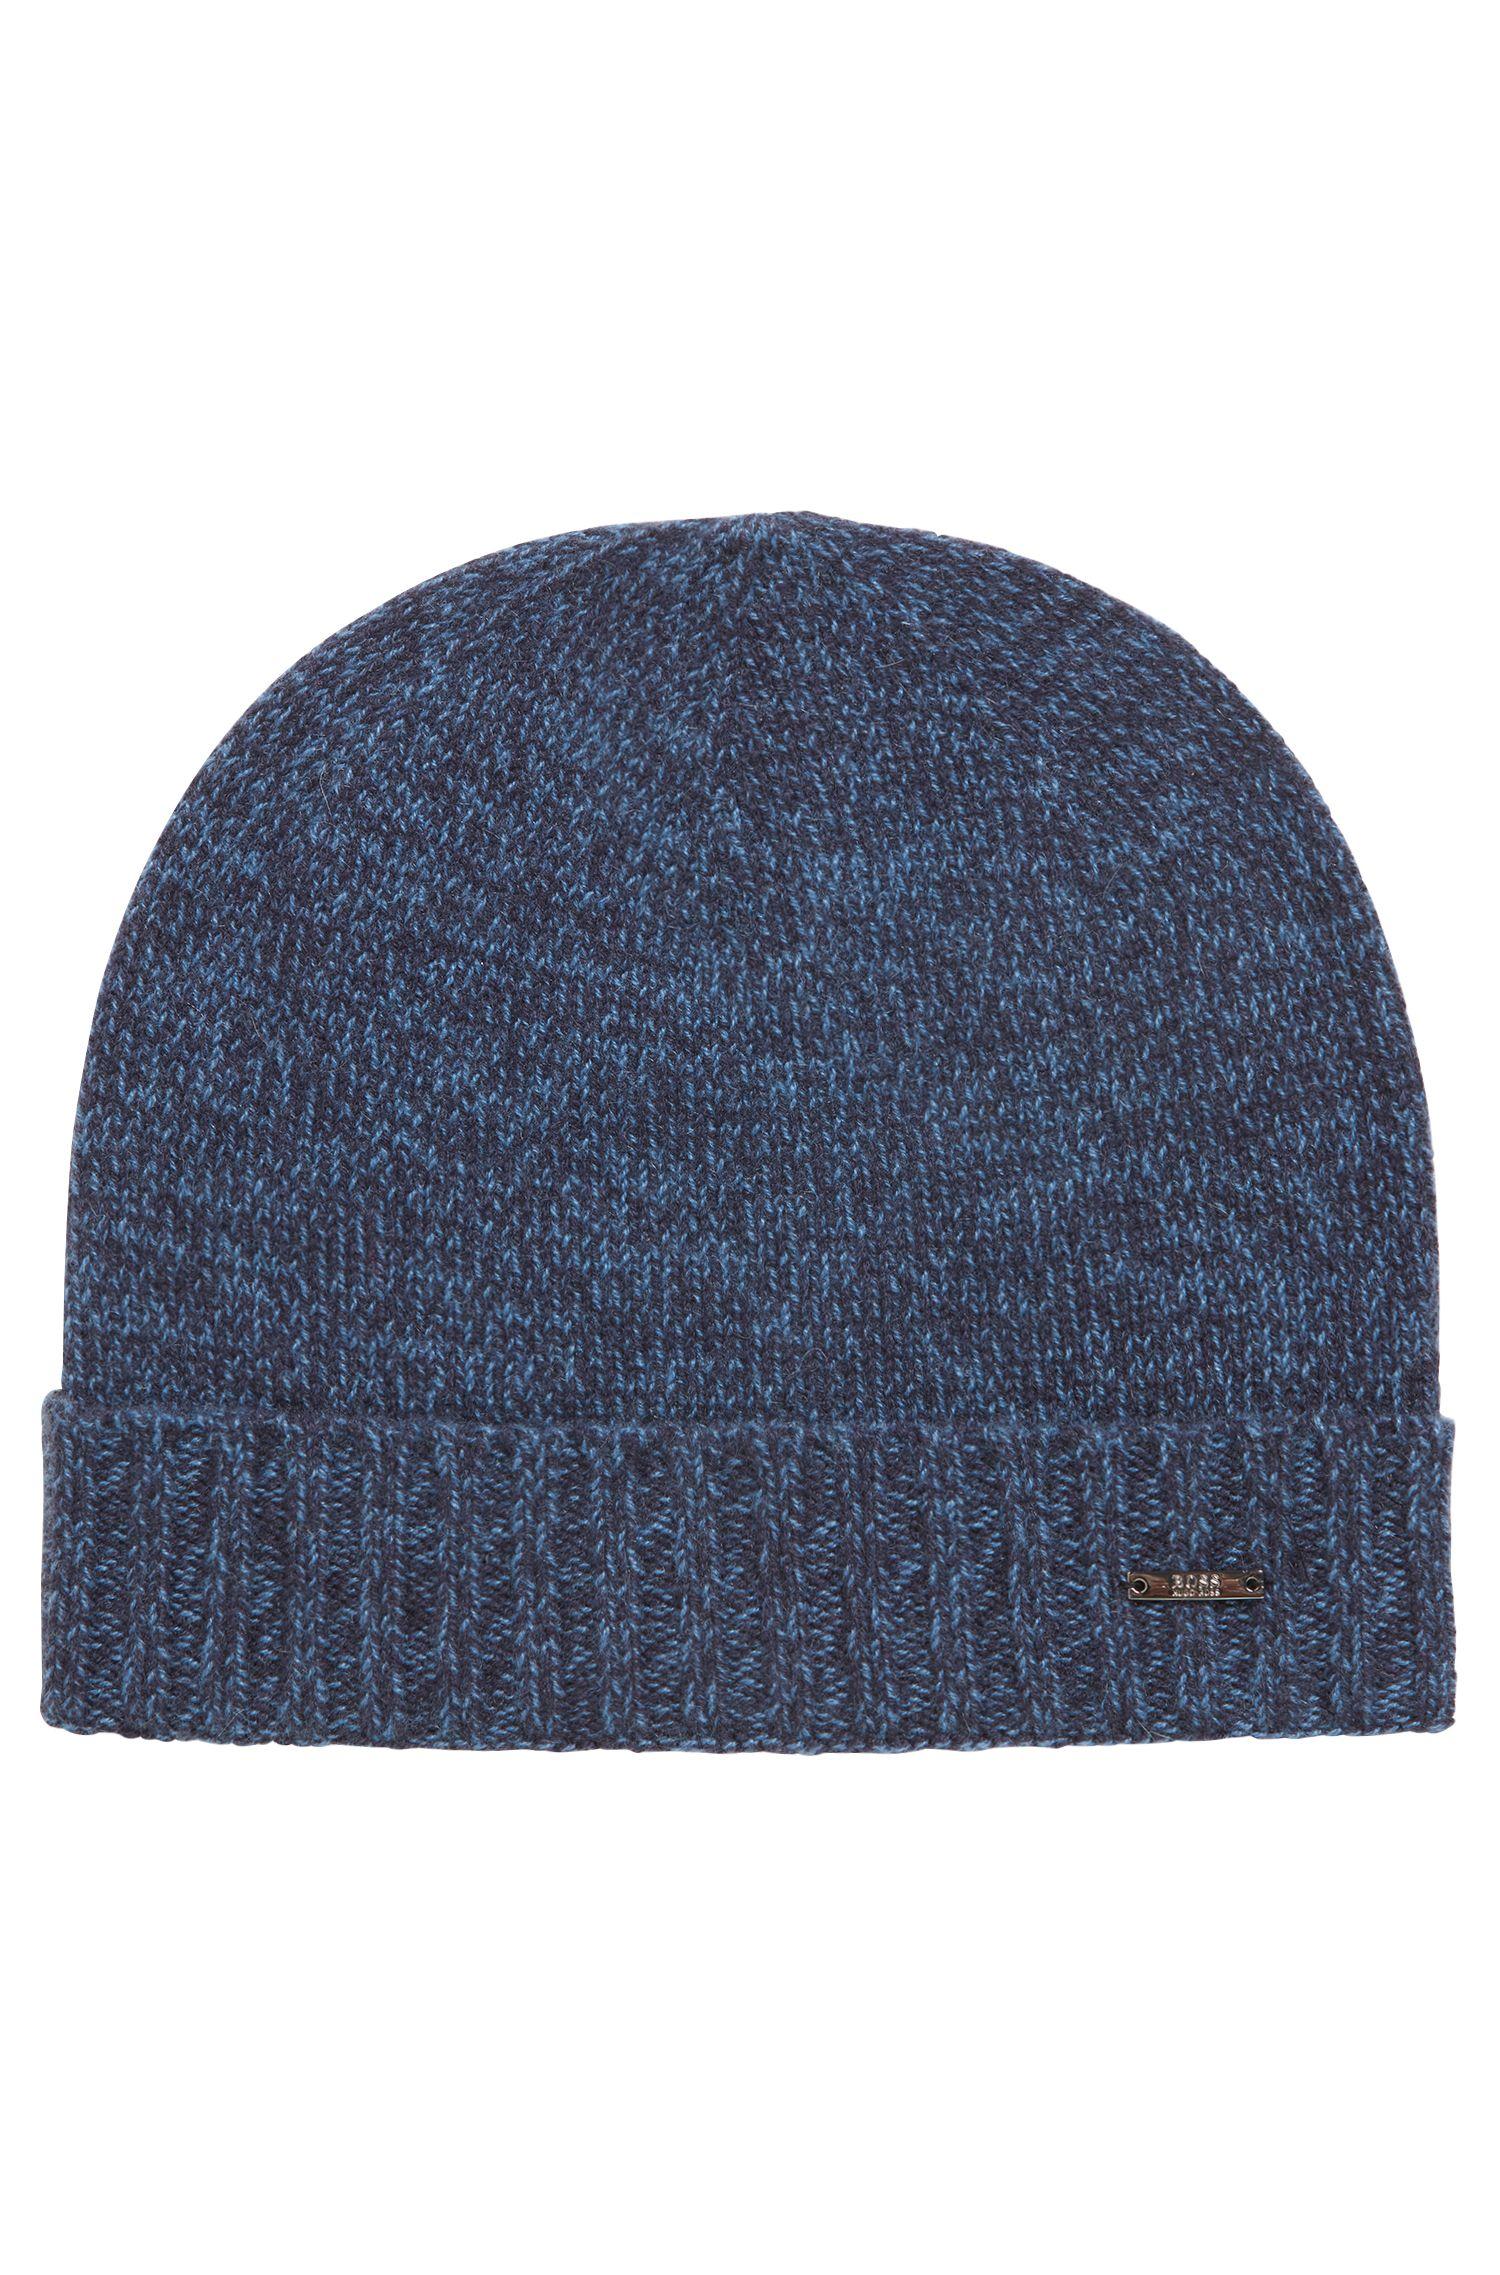 Beanie hat in mouliné cashmere, Open Blue